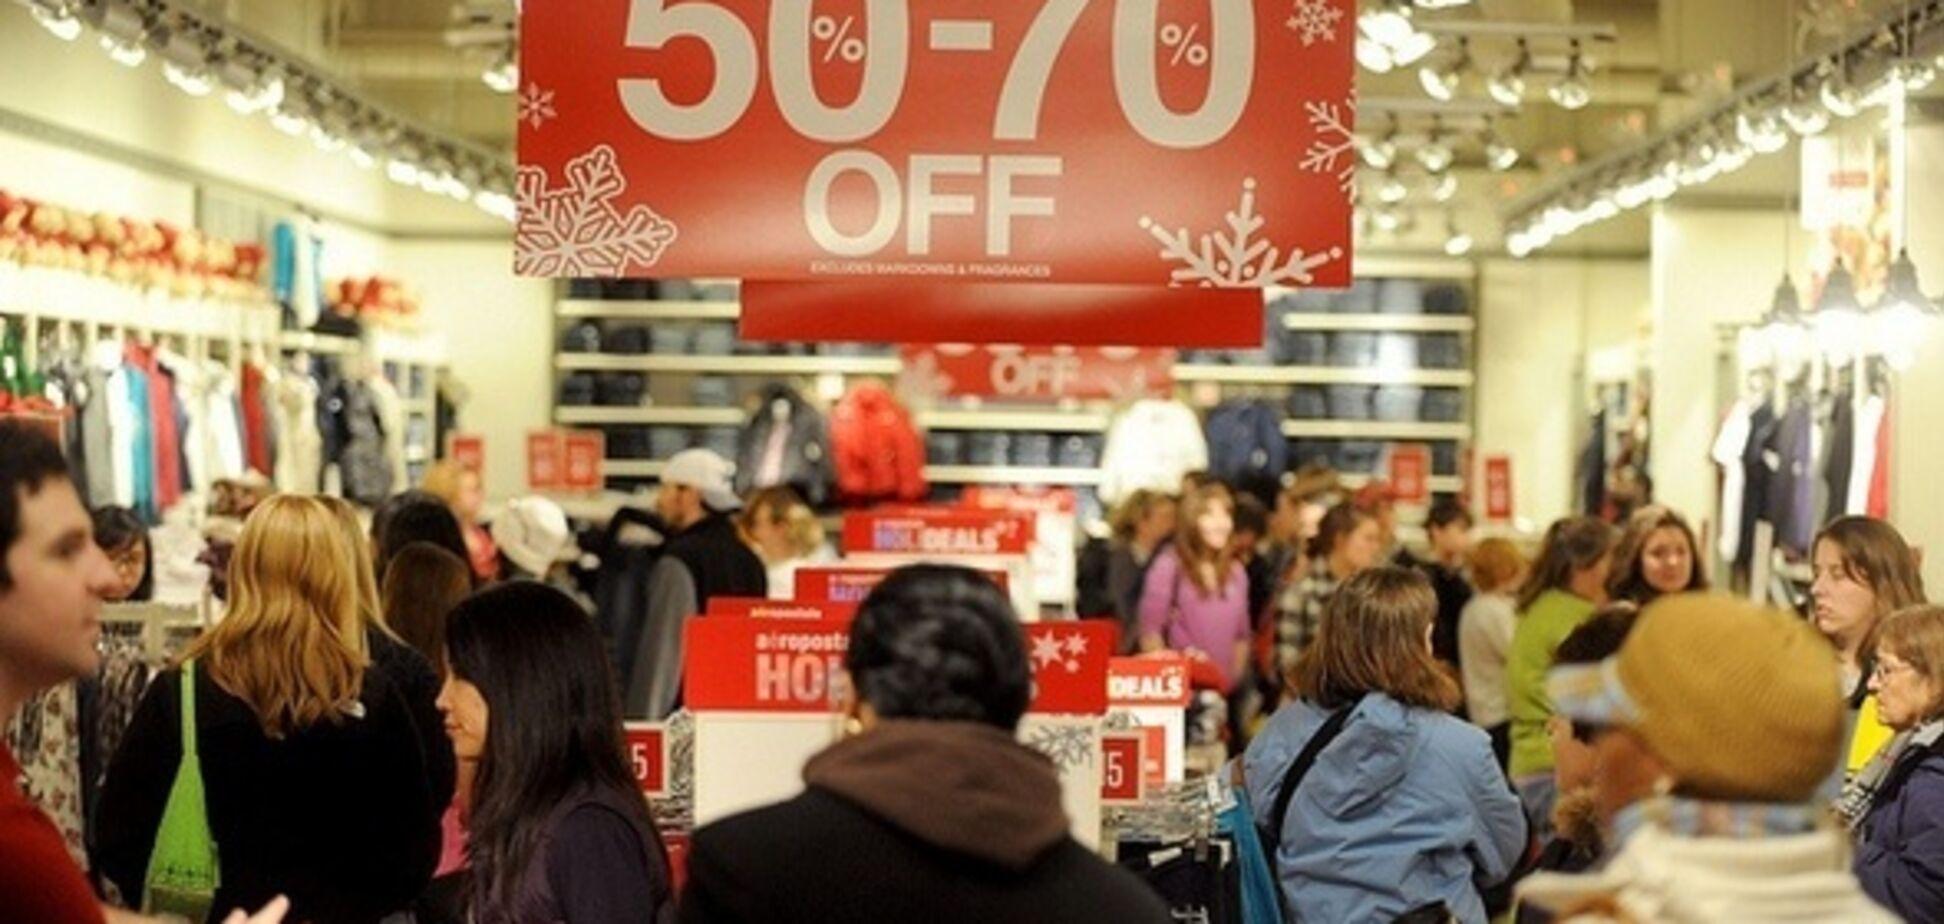 'Черную пятницу' хотят отменить: бренды выступили с неожиданным заявлением